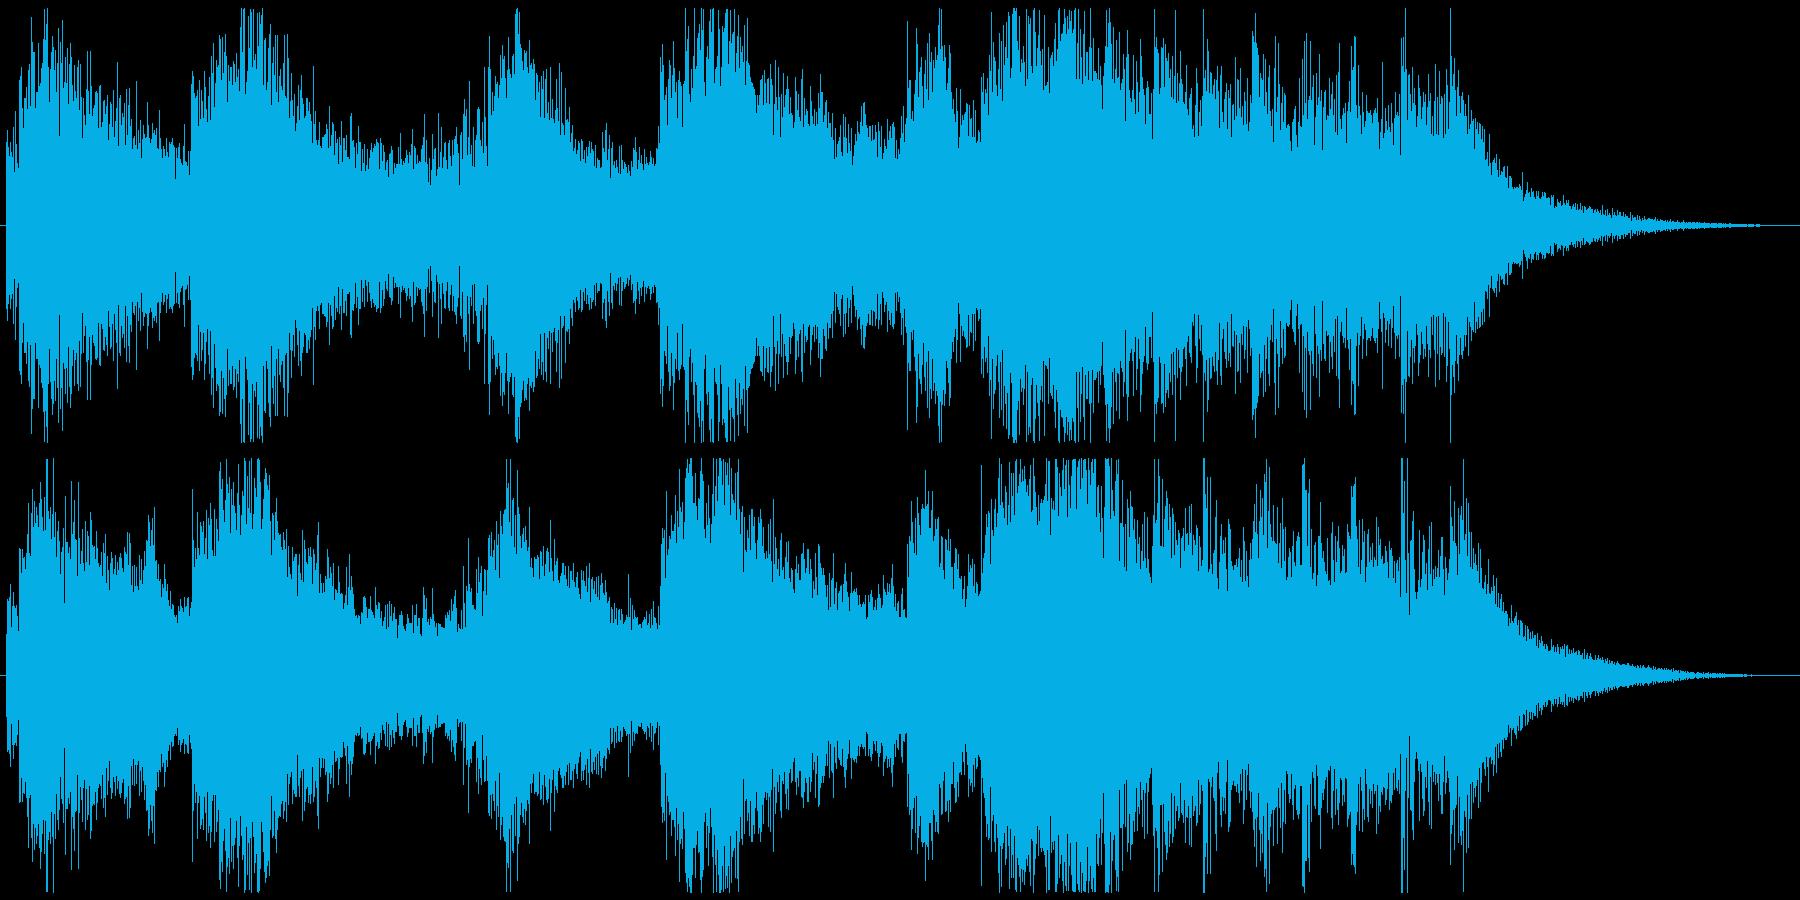 重厚で迫力のあるファンファーレの再生済みの波形